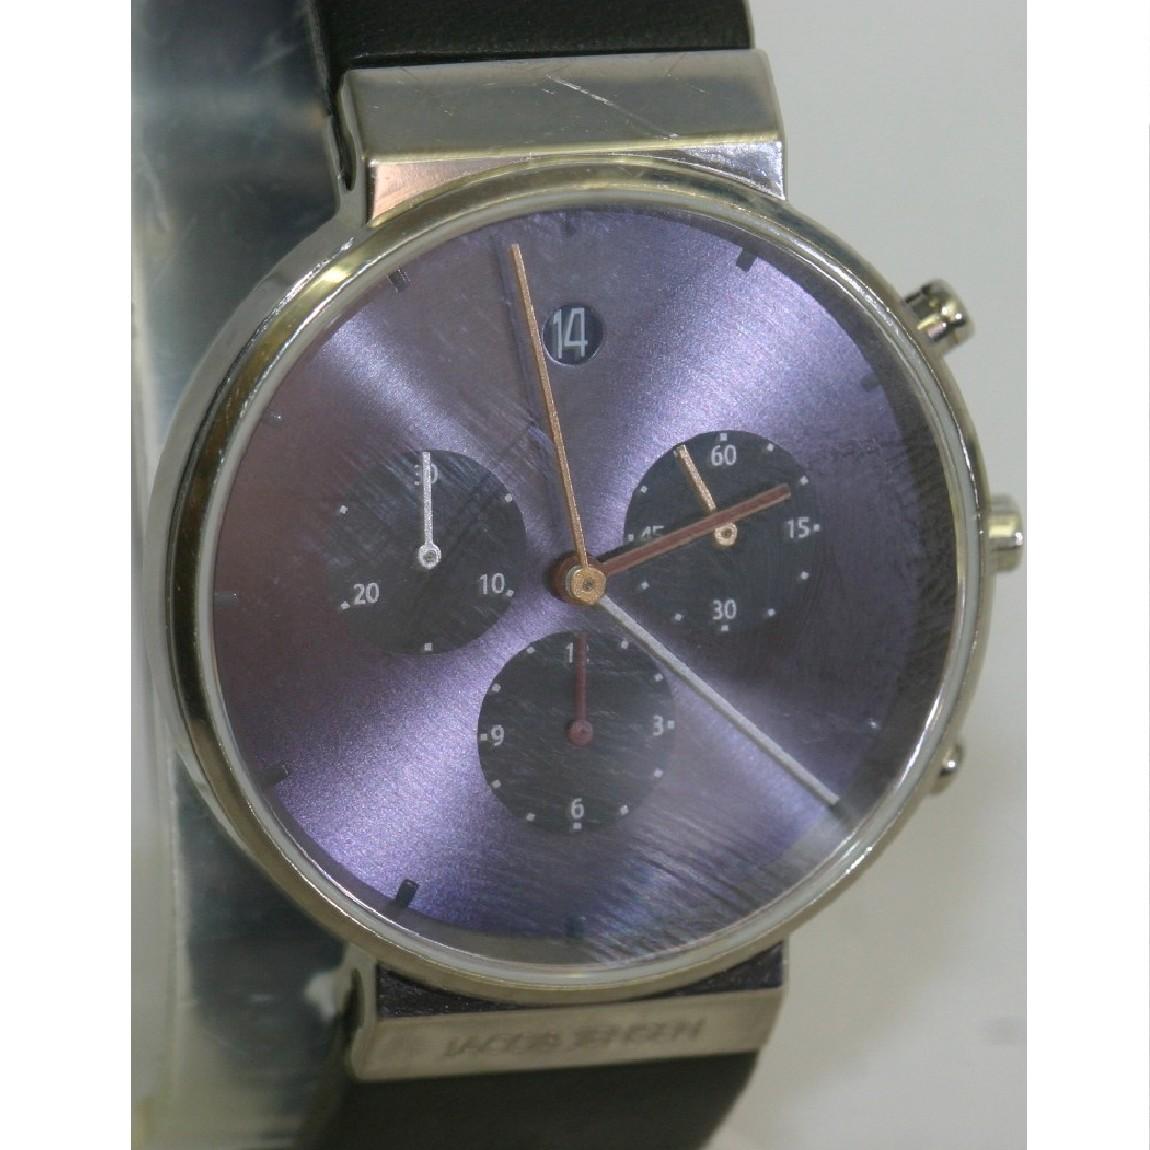 【中古】本物美品ヤクボエンセンクロノのブルー文字盤のシンプルな時計605 1ヶ月保障つき購入価格45360円